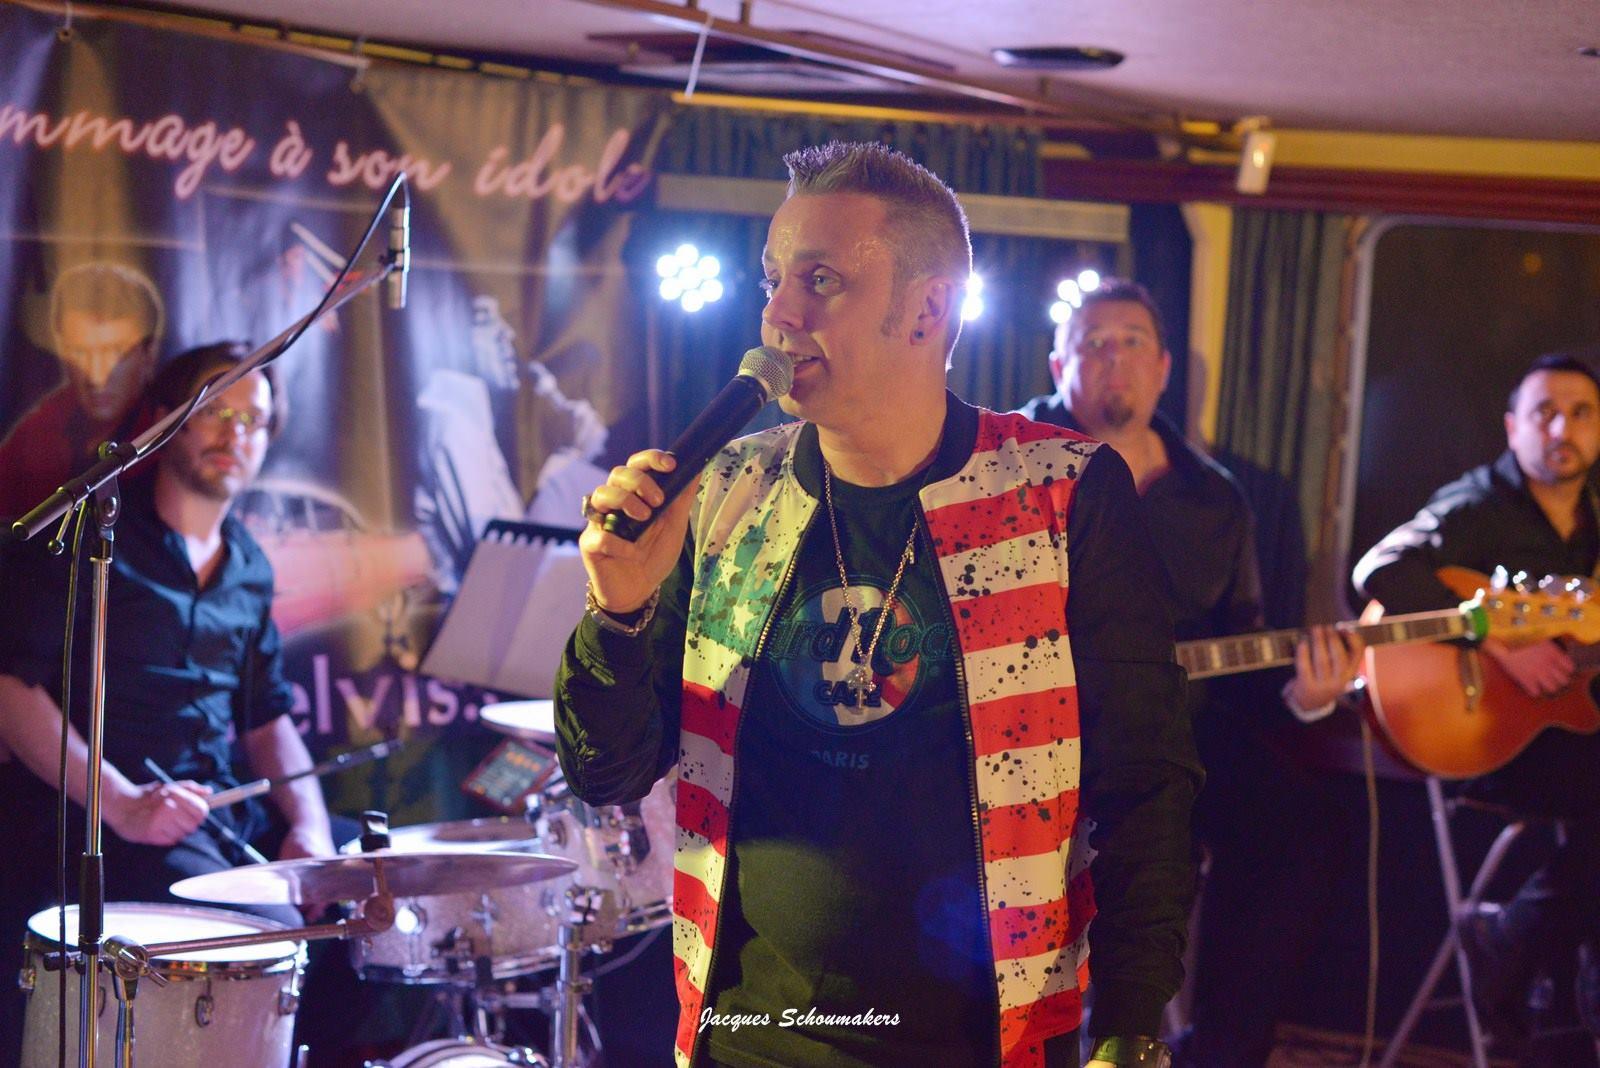 23-Sebastian-For-Elvis-Croisiere-americaine-pays-de-liege-facebook